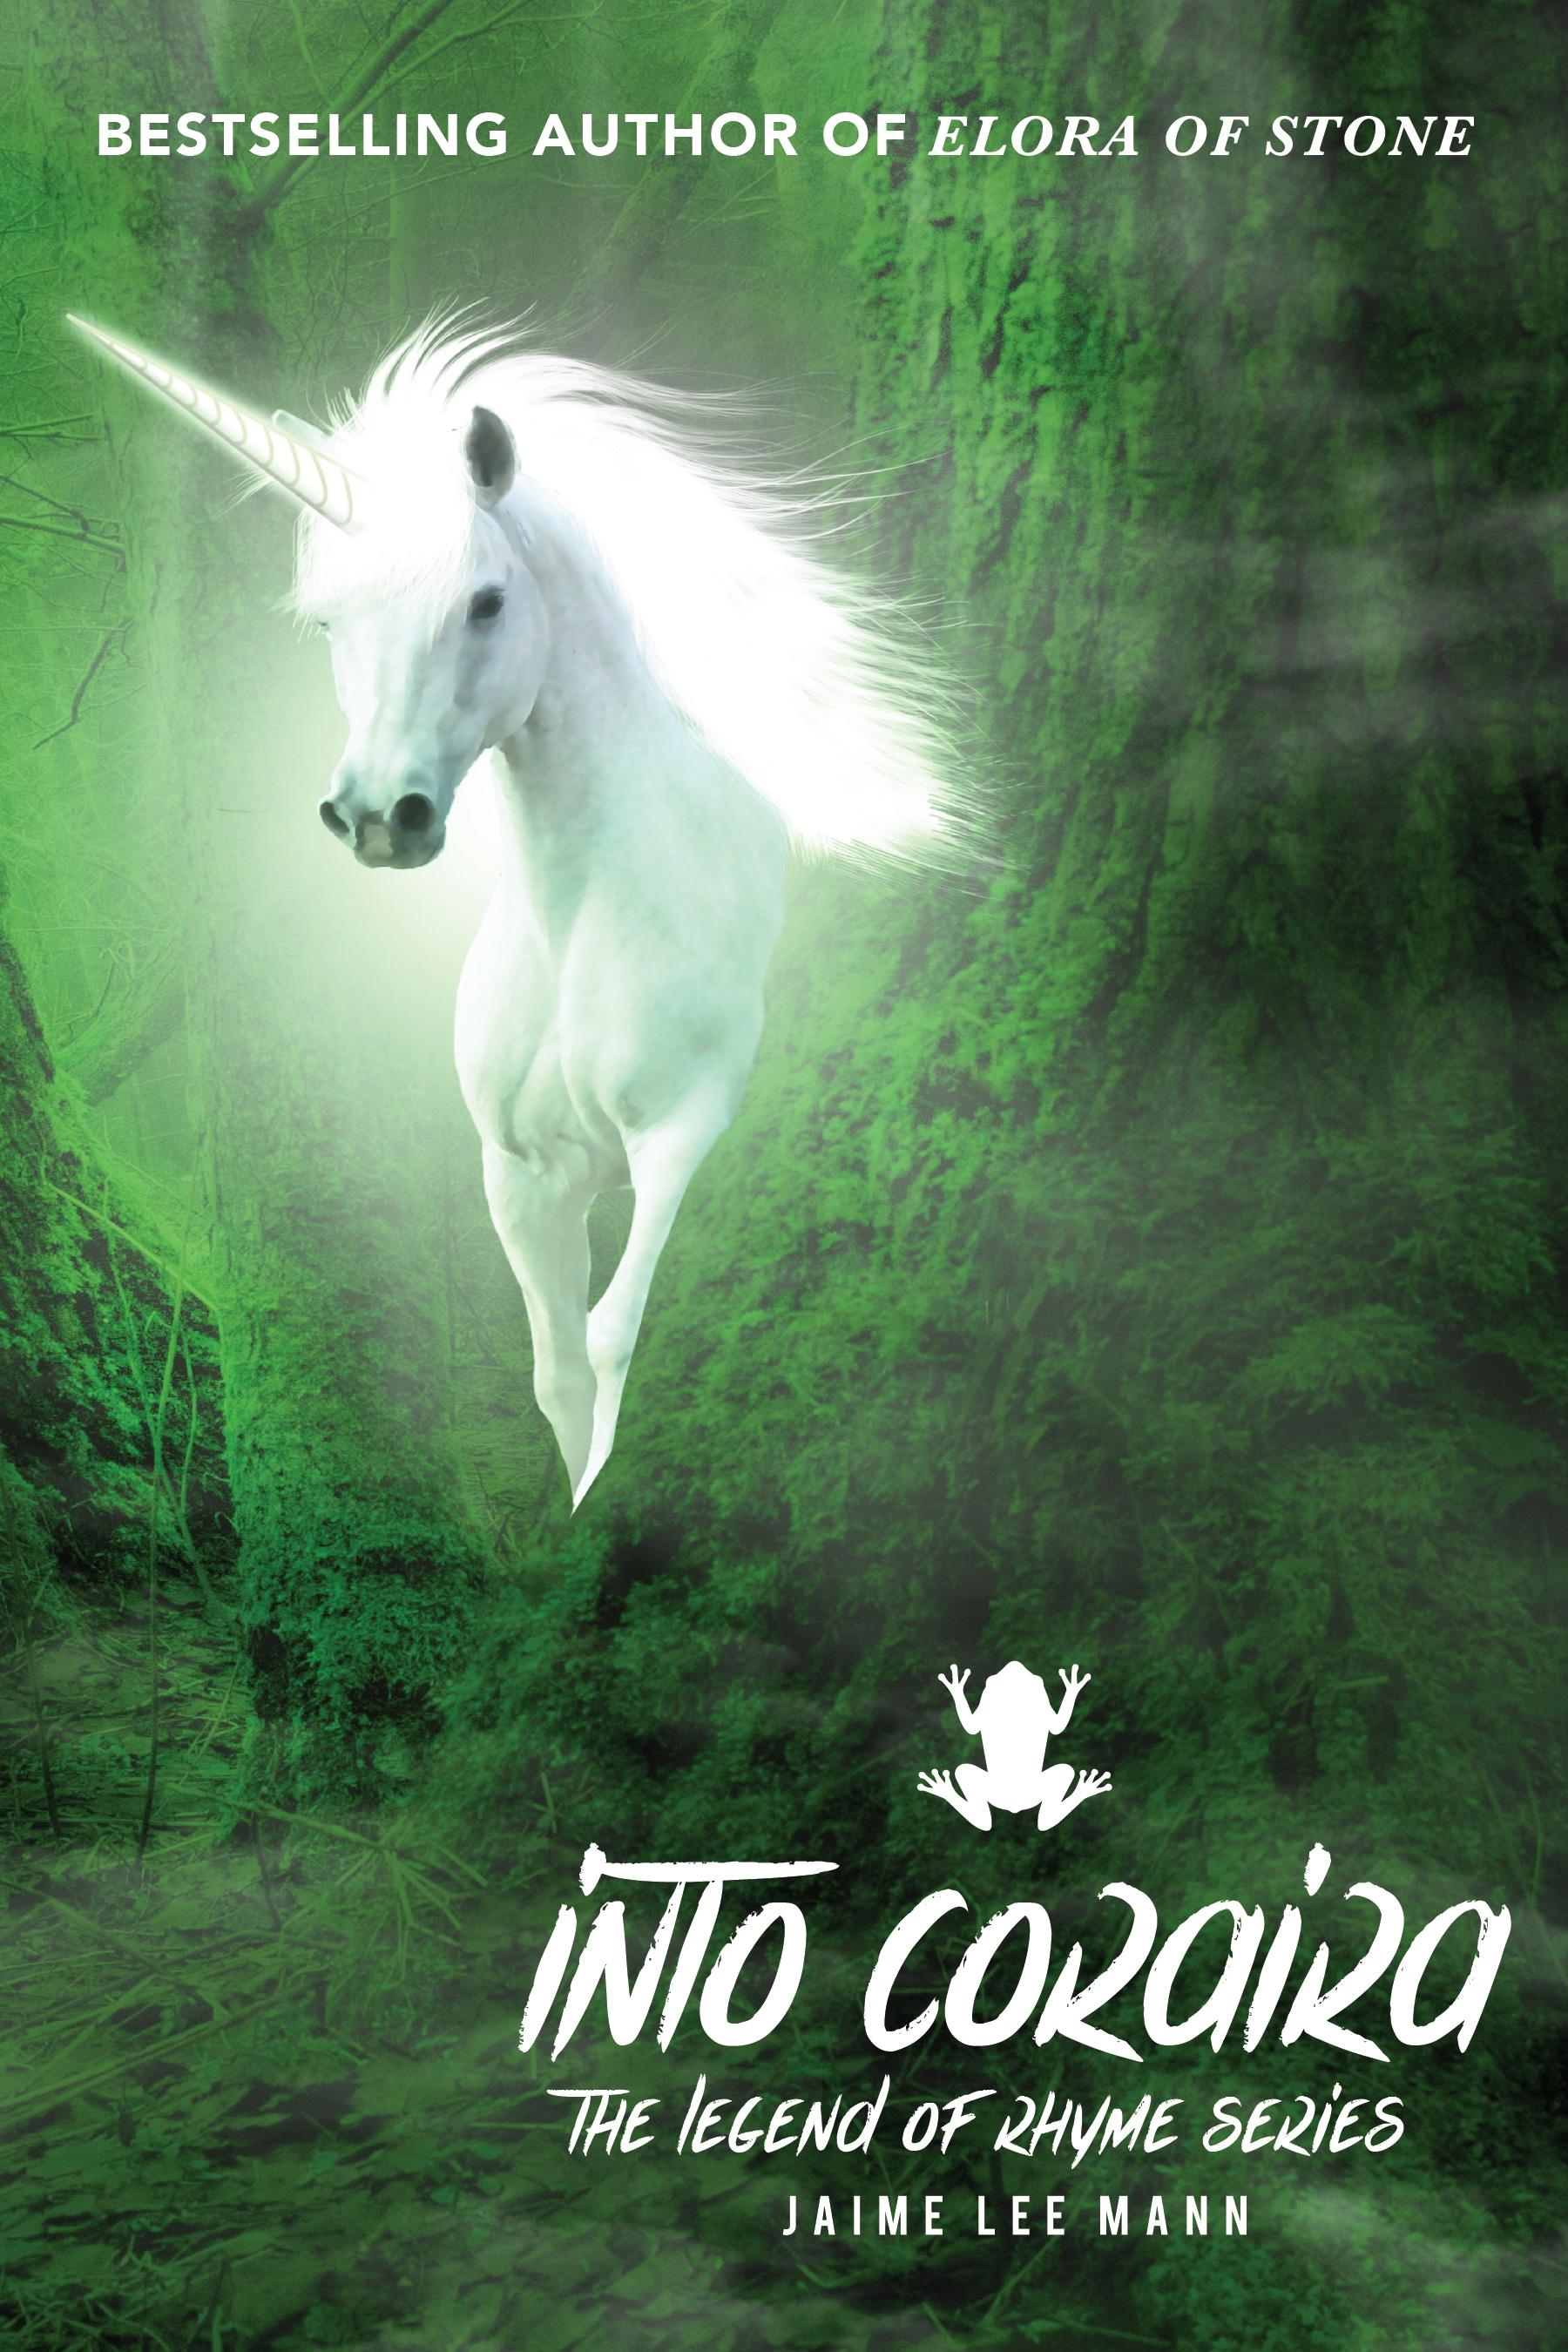 Into Coraira